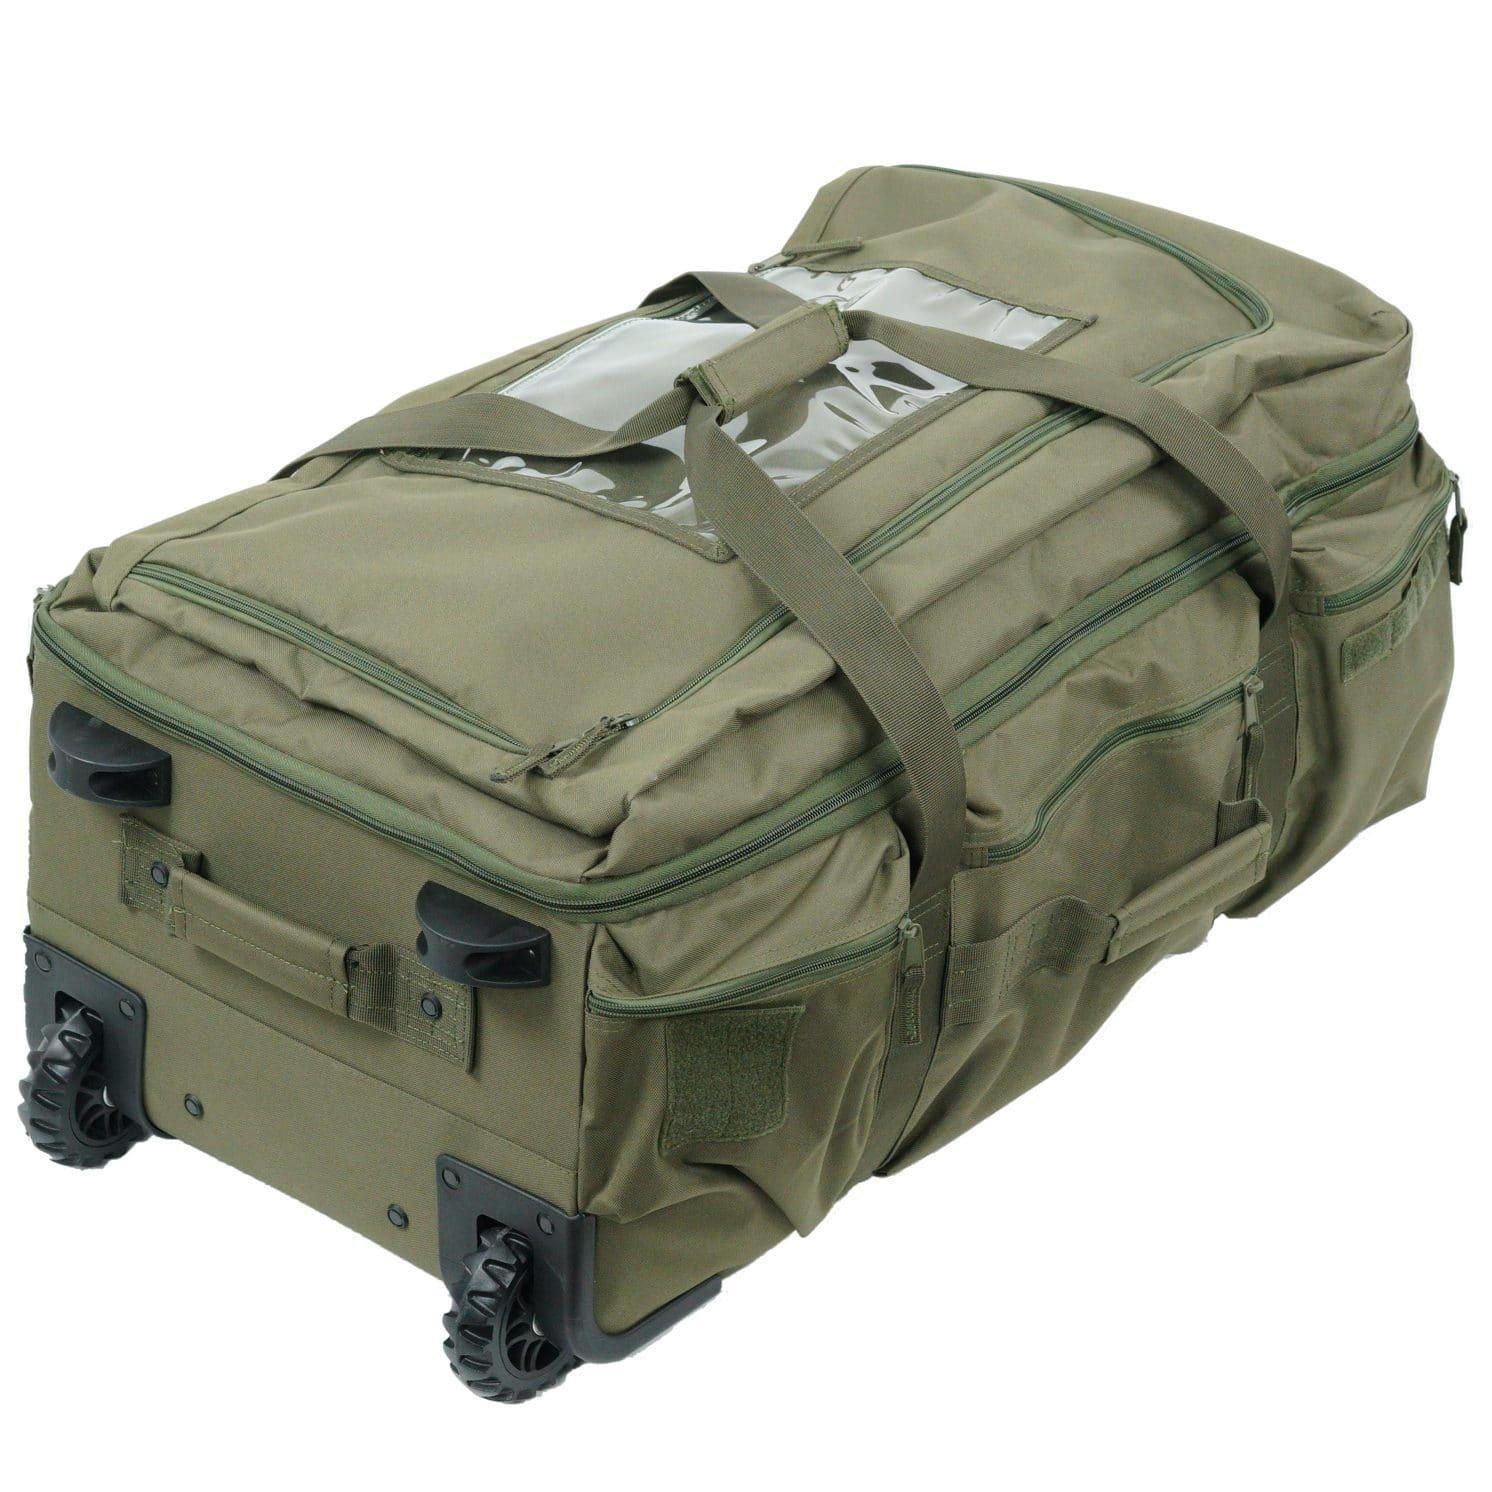 Gear Bag Novritsch Usa